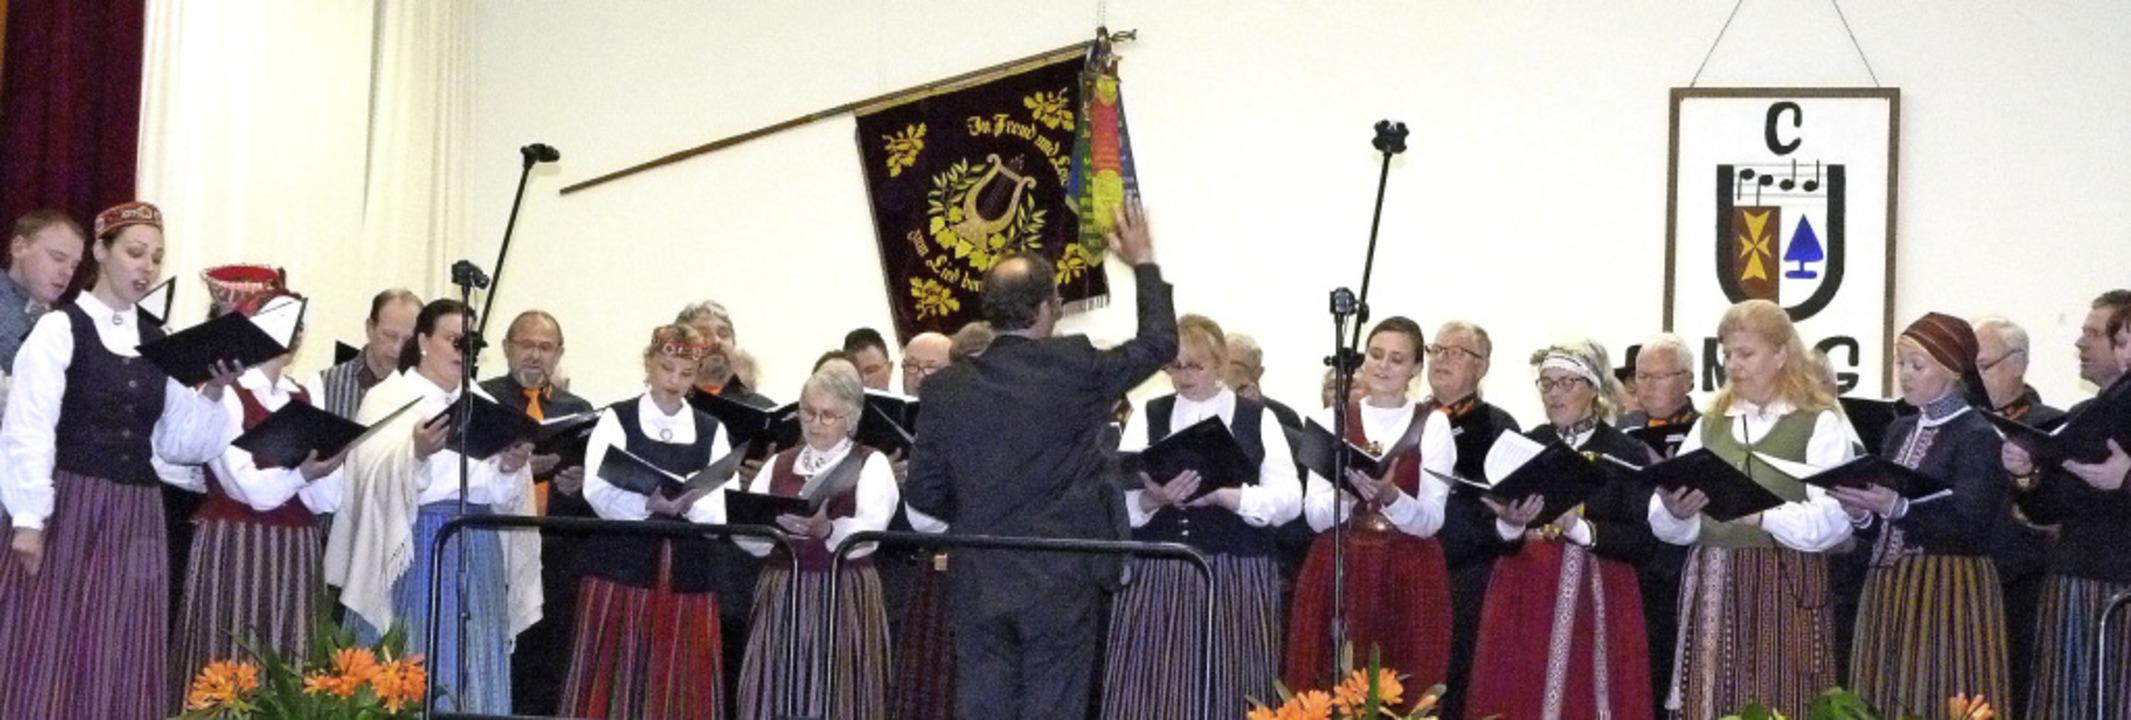 Volksweisen aus Deutschland und Lettla...der Gündlinger Malteserhalle zu hören.  | Foto: Christine Weirich